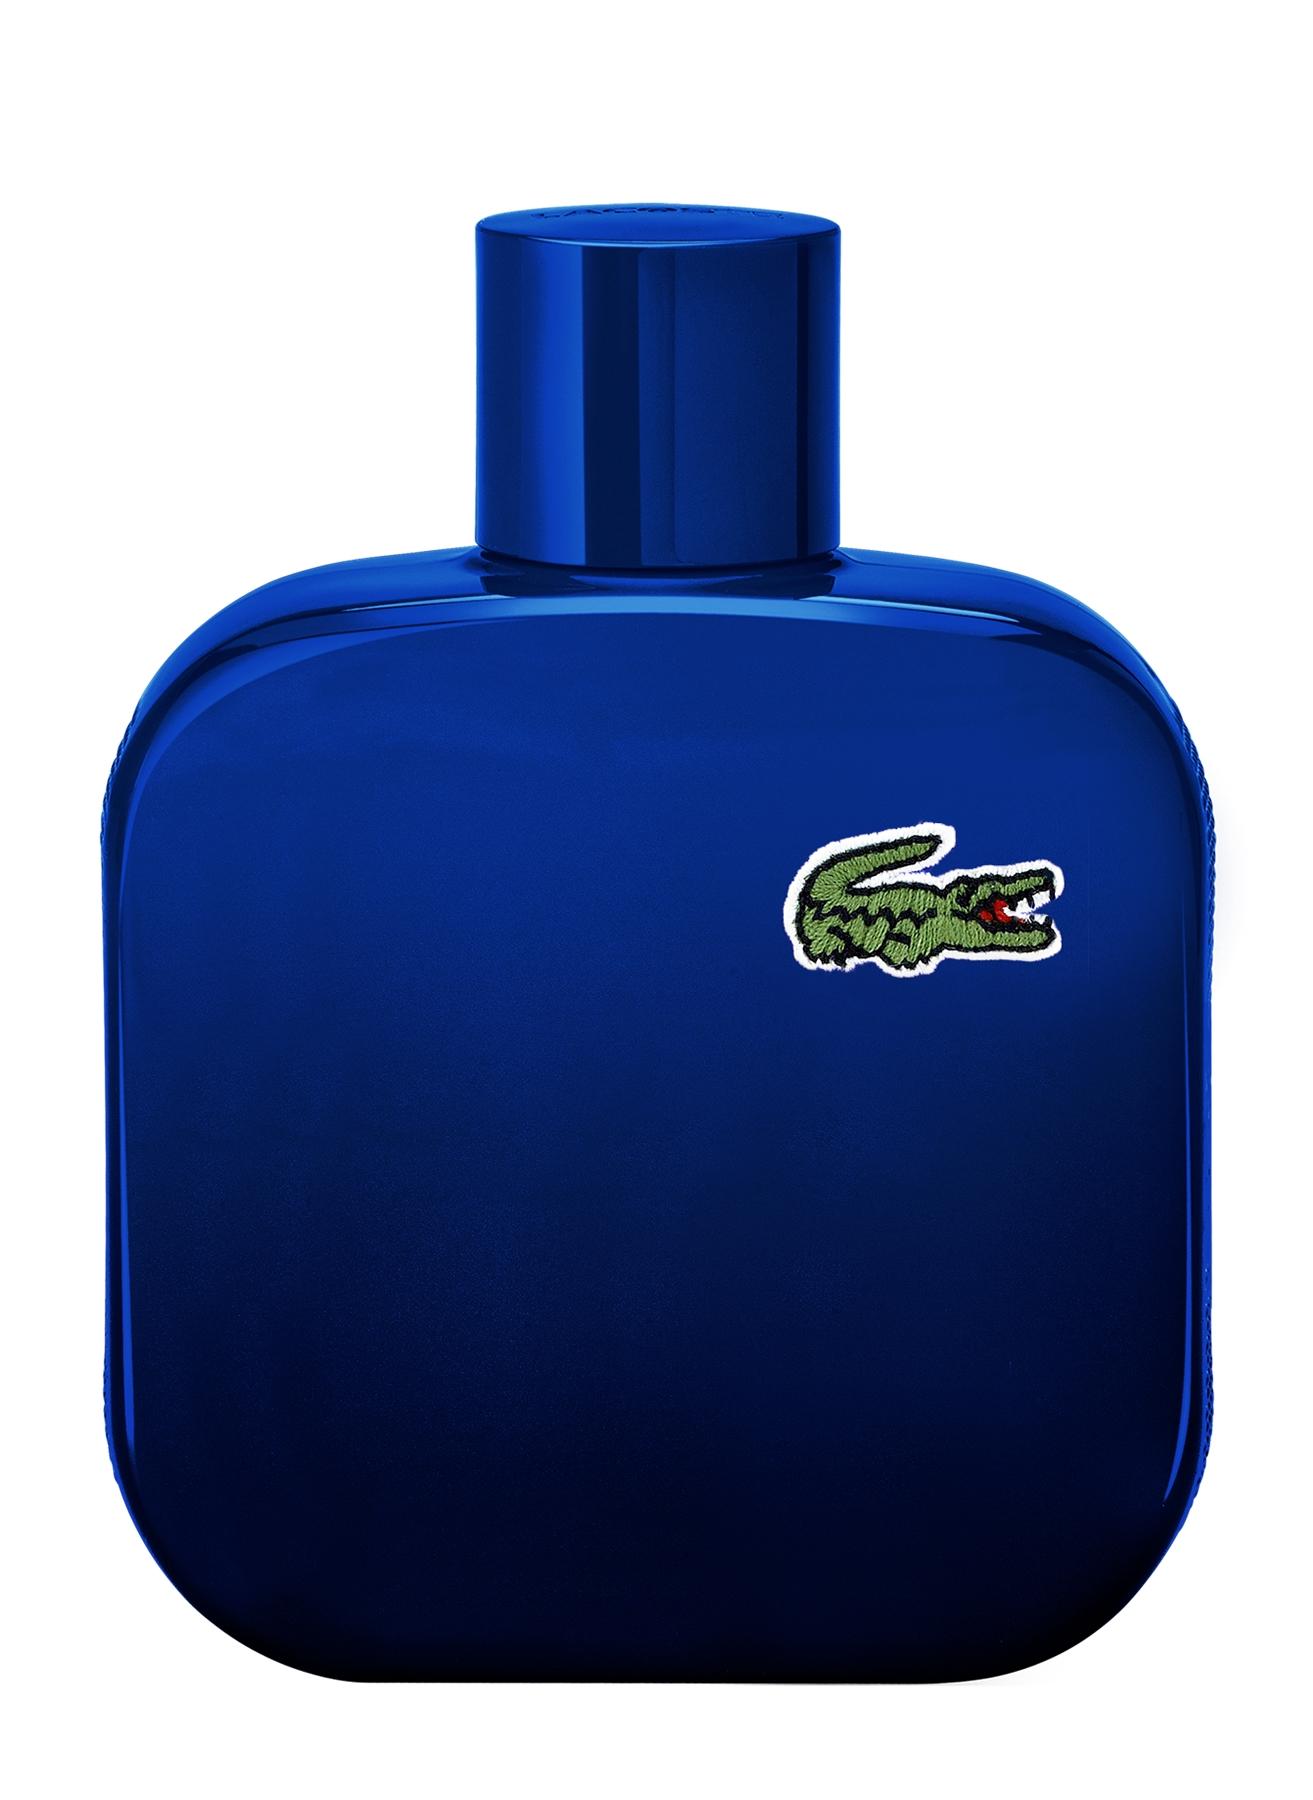 Lacoste Magnetic Edt 100 ml Erkek Parfüm 5000149183001 Ürün Resmi